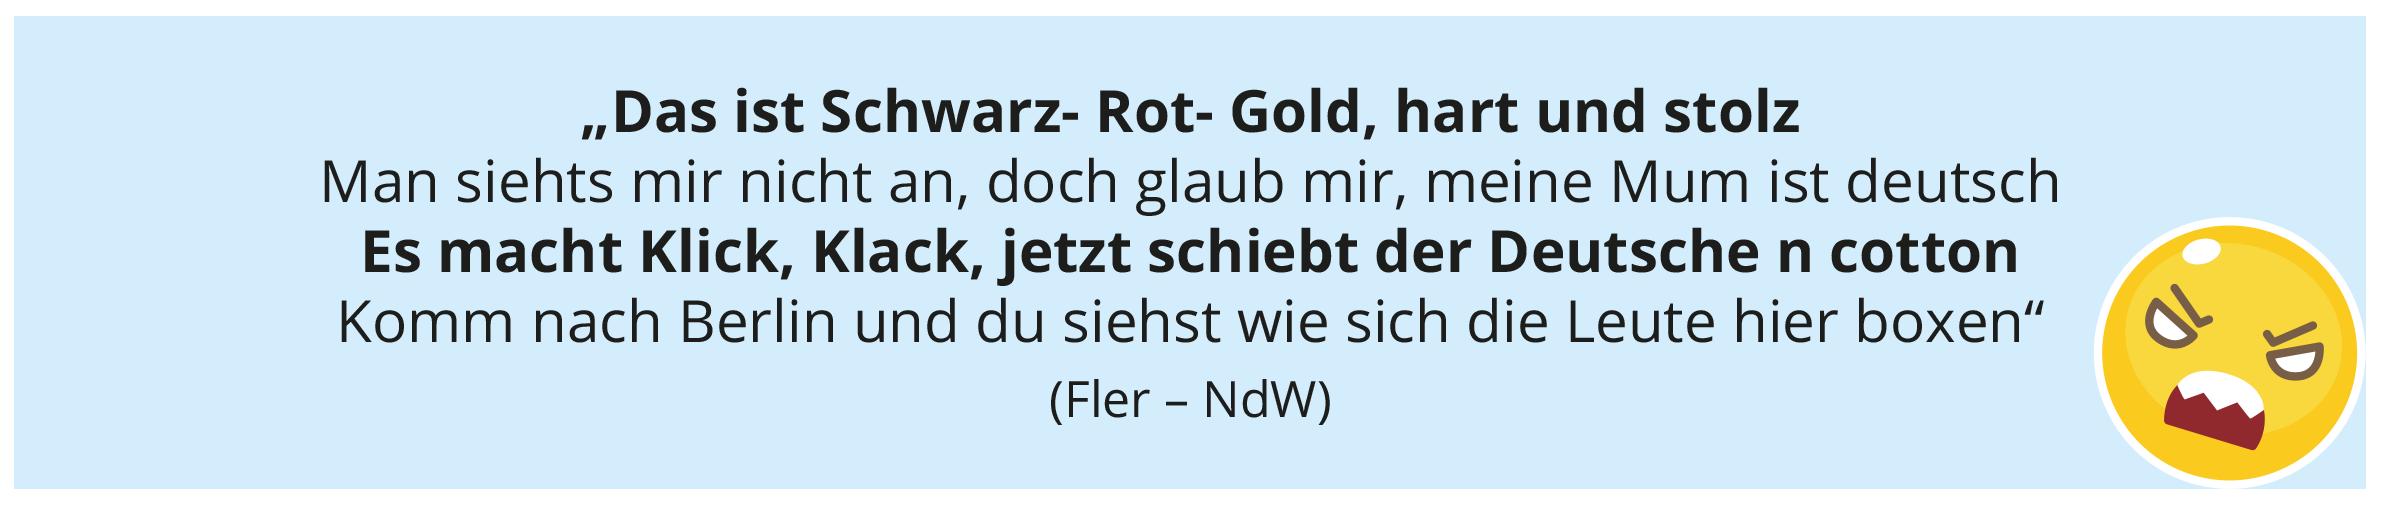 """""""Das ist Schwarz- Rot- Gold, hart und stolz Man siehts mir nicht an, doch glaub mir, meine Mum ist deutsch Es macht Klick, Klack, jetzt schiebt der Deutsche n cotton Komm nach Berlin und du siehst wie sich die Leute hier boxen"""" (Fler – NdW)"""